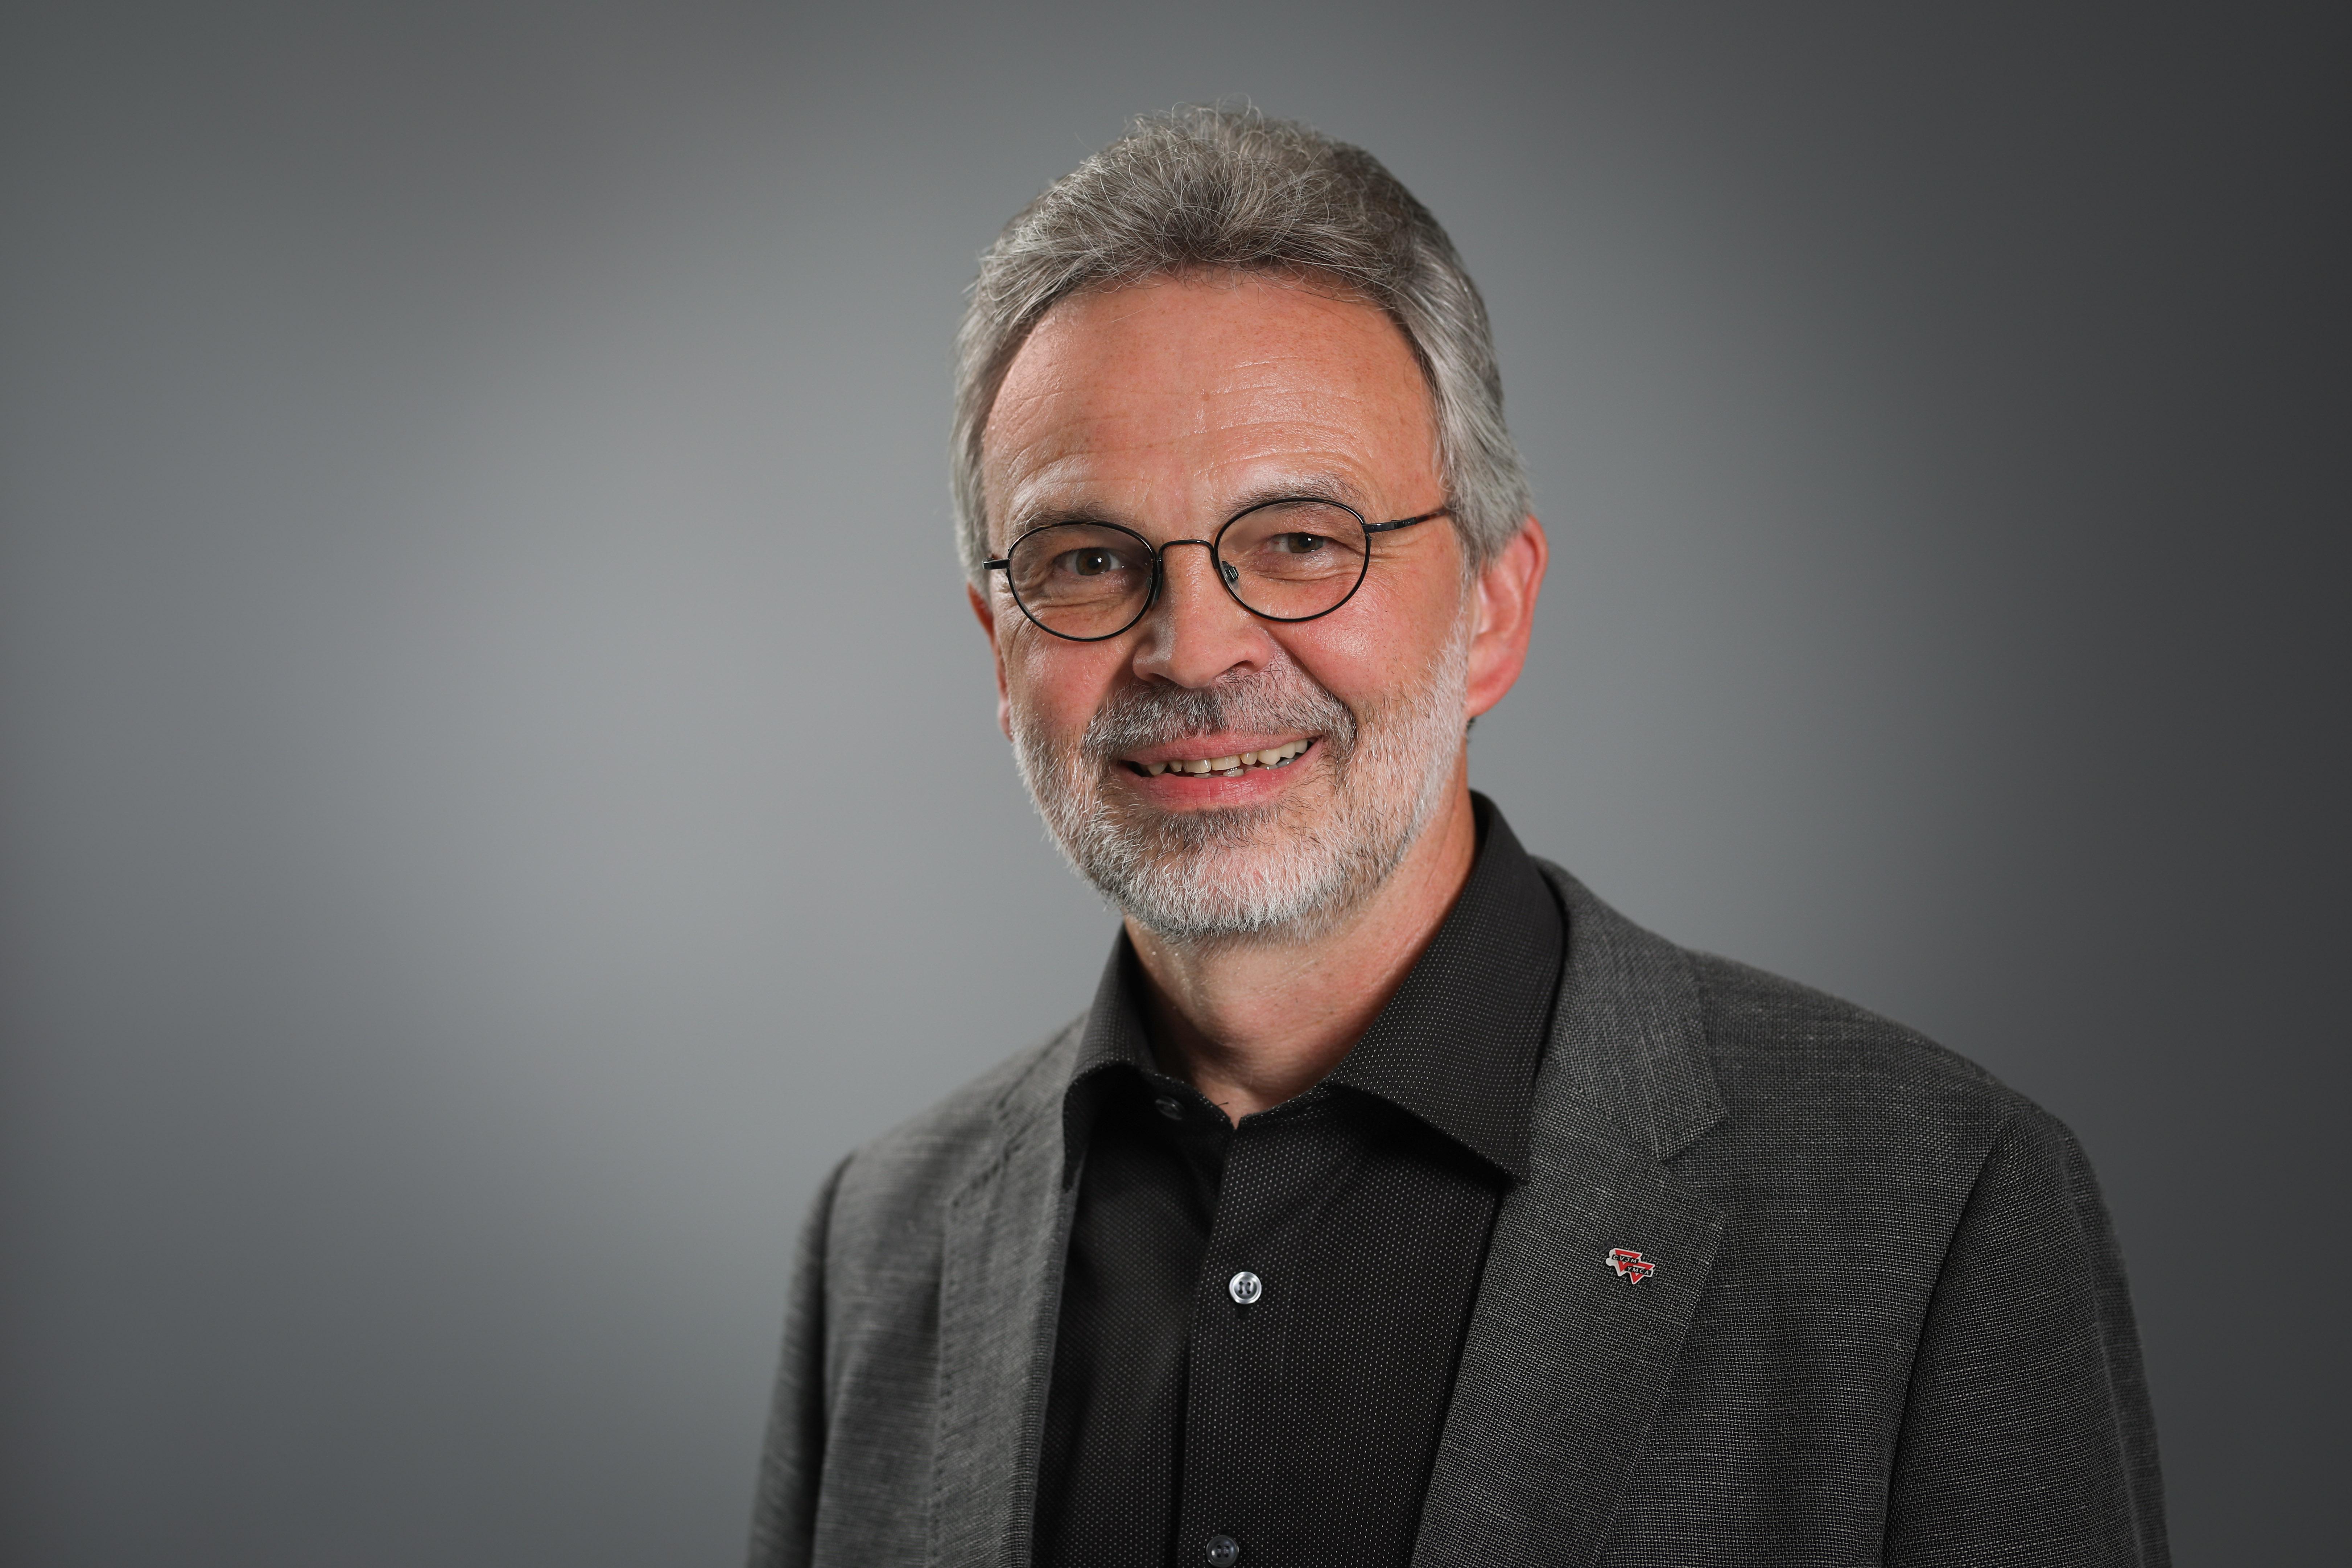 Generalsekretär des CVJM-Westbund e. V. - Matthias Büchle